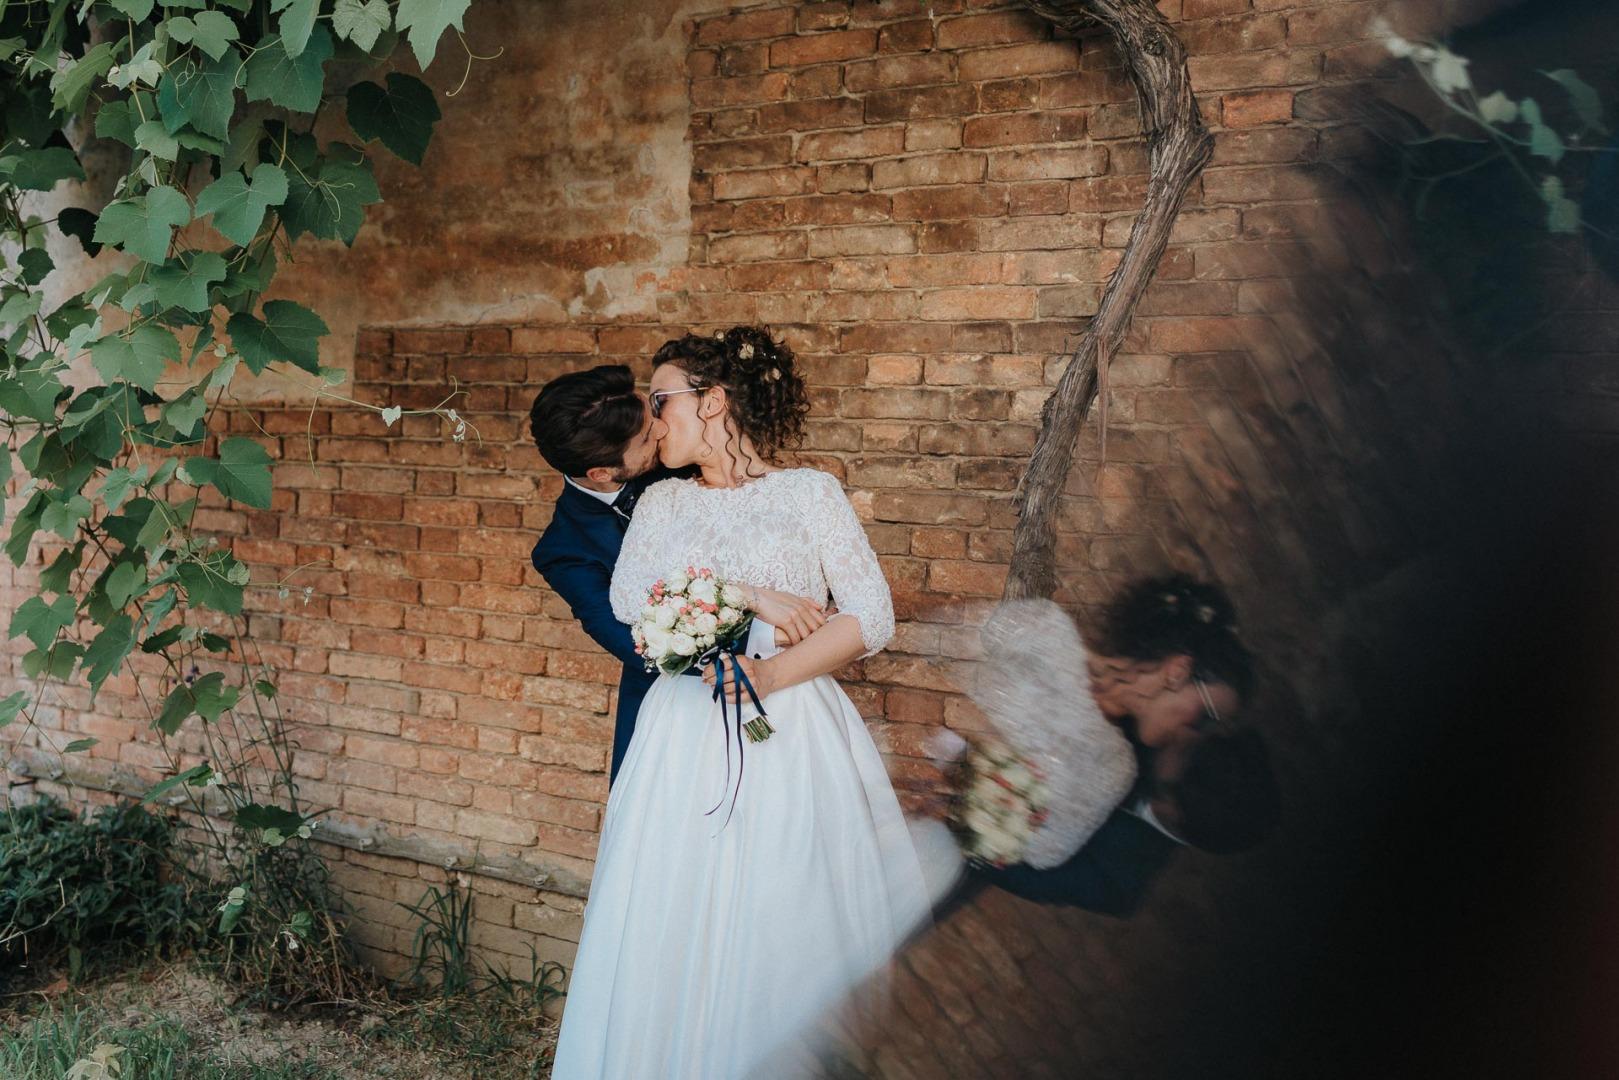 nicola-da-lio-wedding-photographer-venezia-treviso-padova-veneto-italia-129